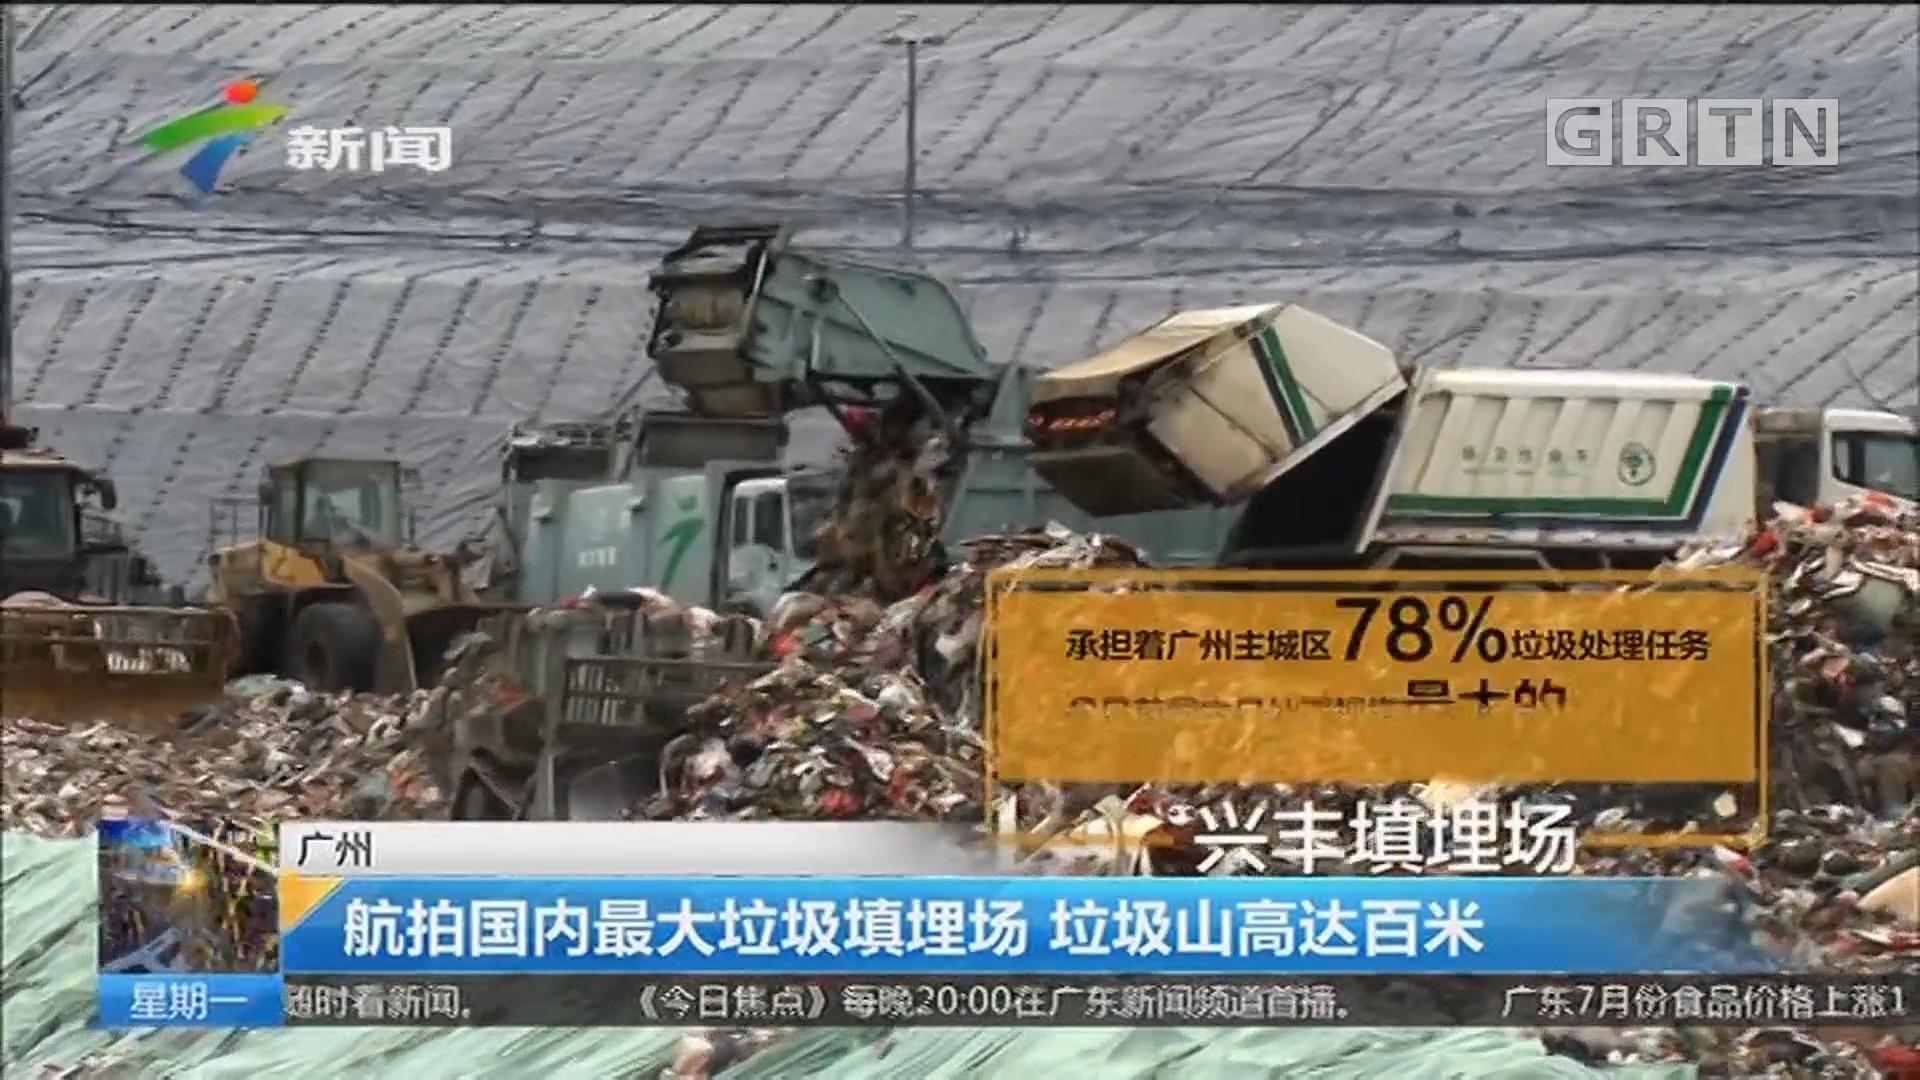 广州:航拍国内最大垃圾填埋场 垃圾山高达百米